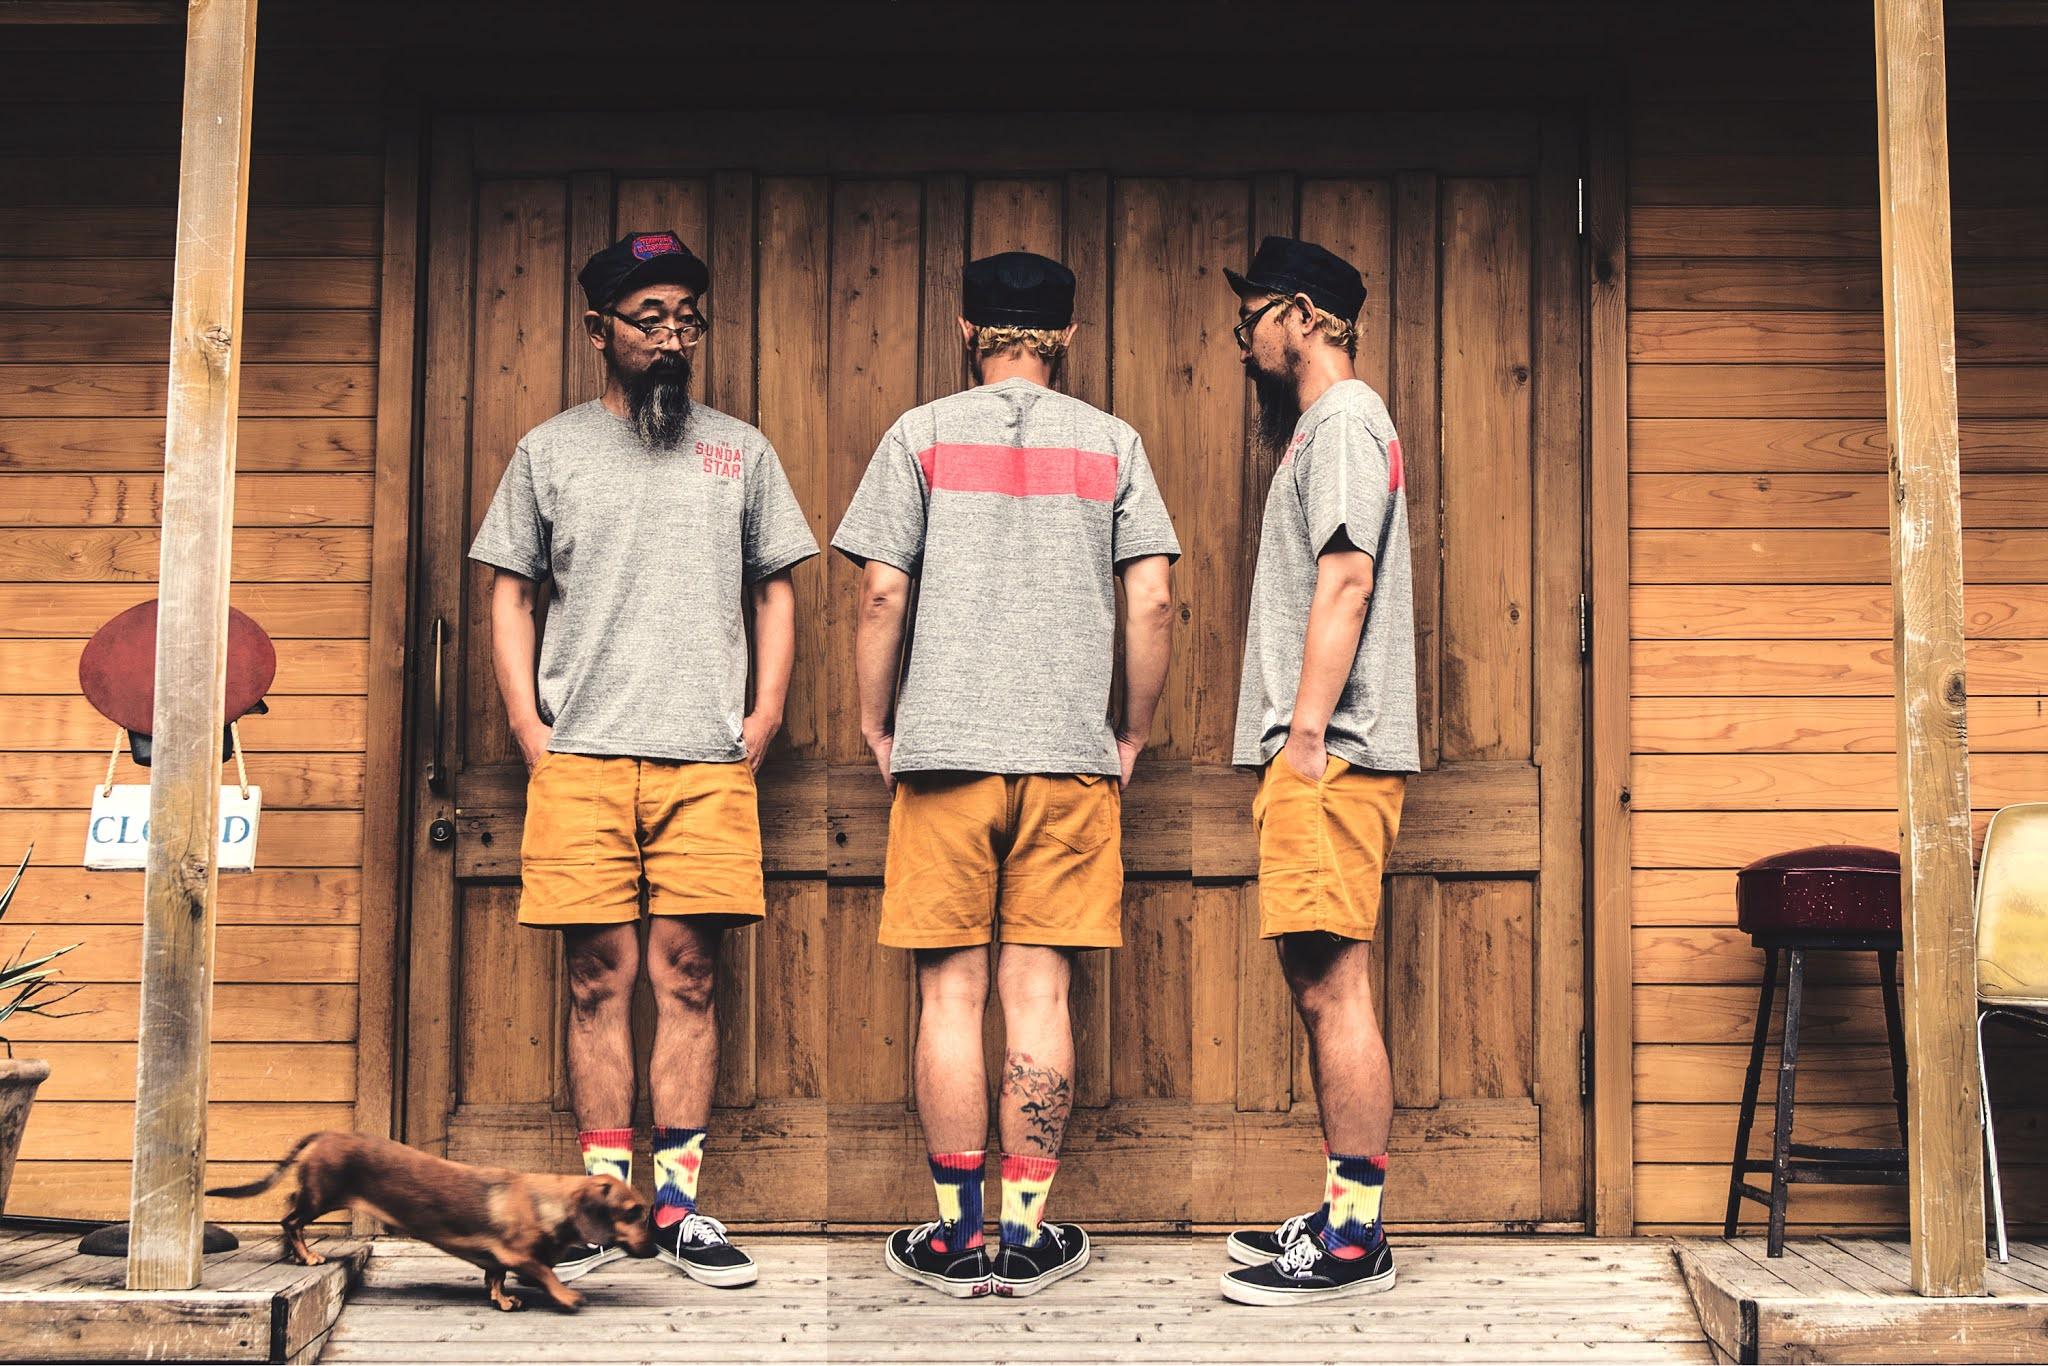 ライディングハイ 吊り編み機 丸胴 ループウィール Tシャツ 通販